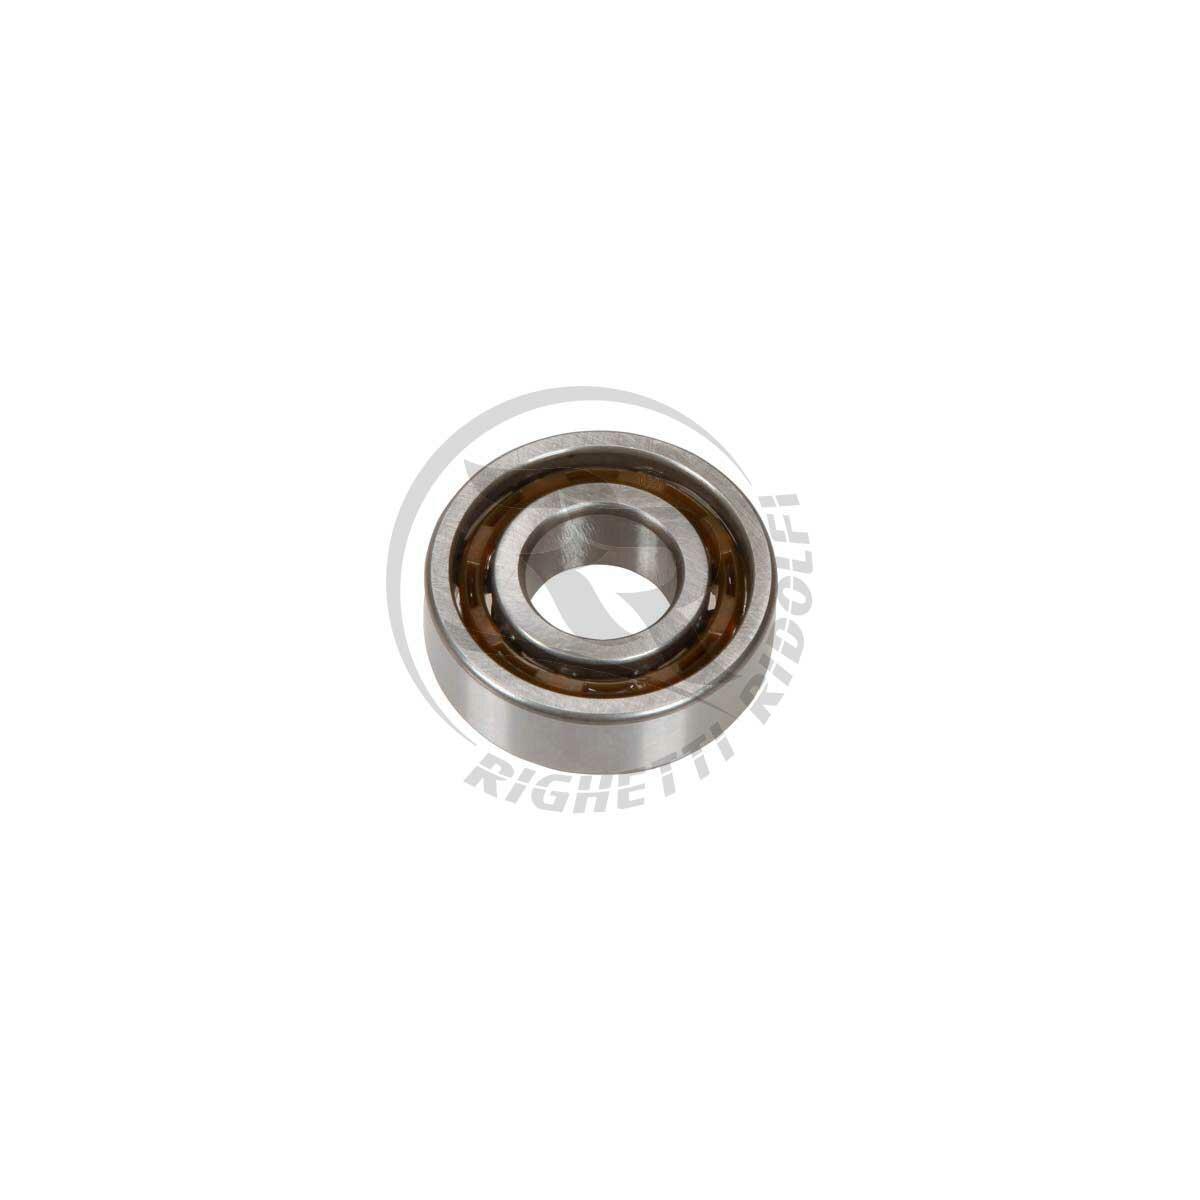 febest Cuscinetti a sfera per asse onda/ AS kit 35802126 /Kit di riparazione 35/X 80/X 21/X 26